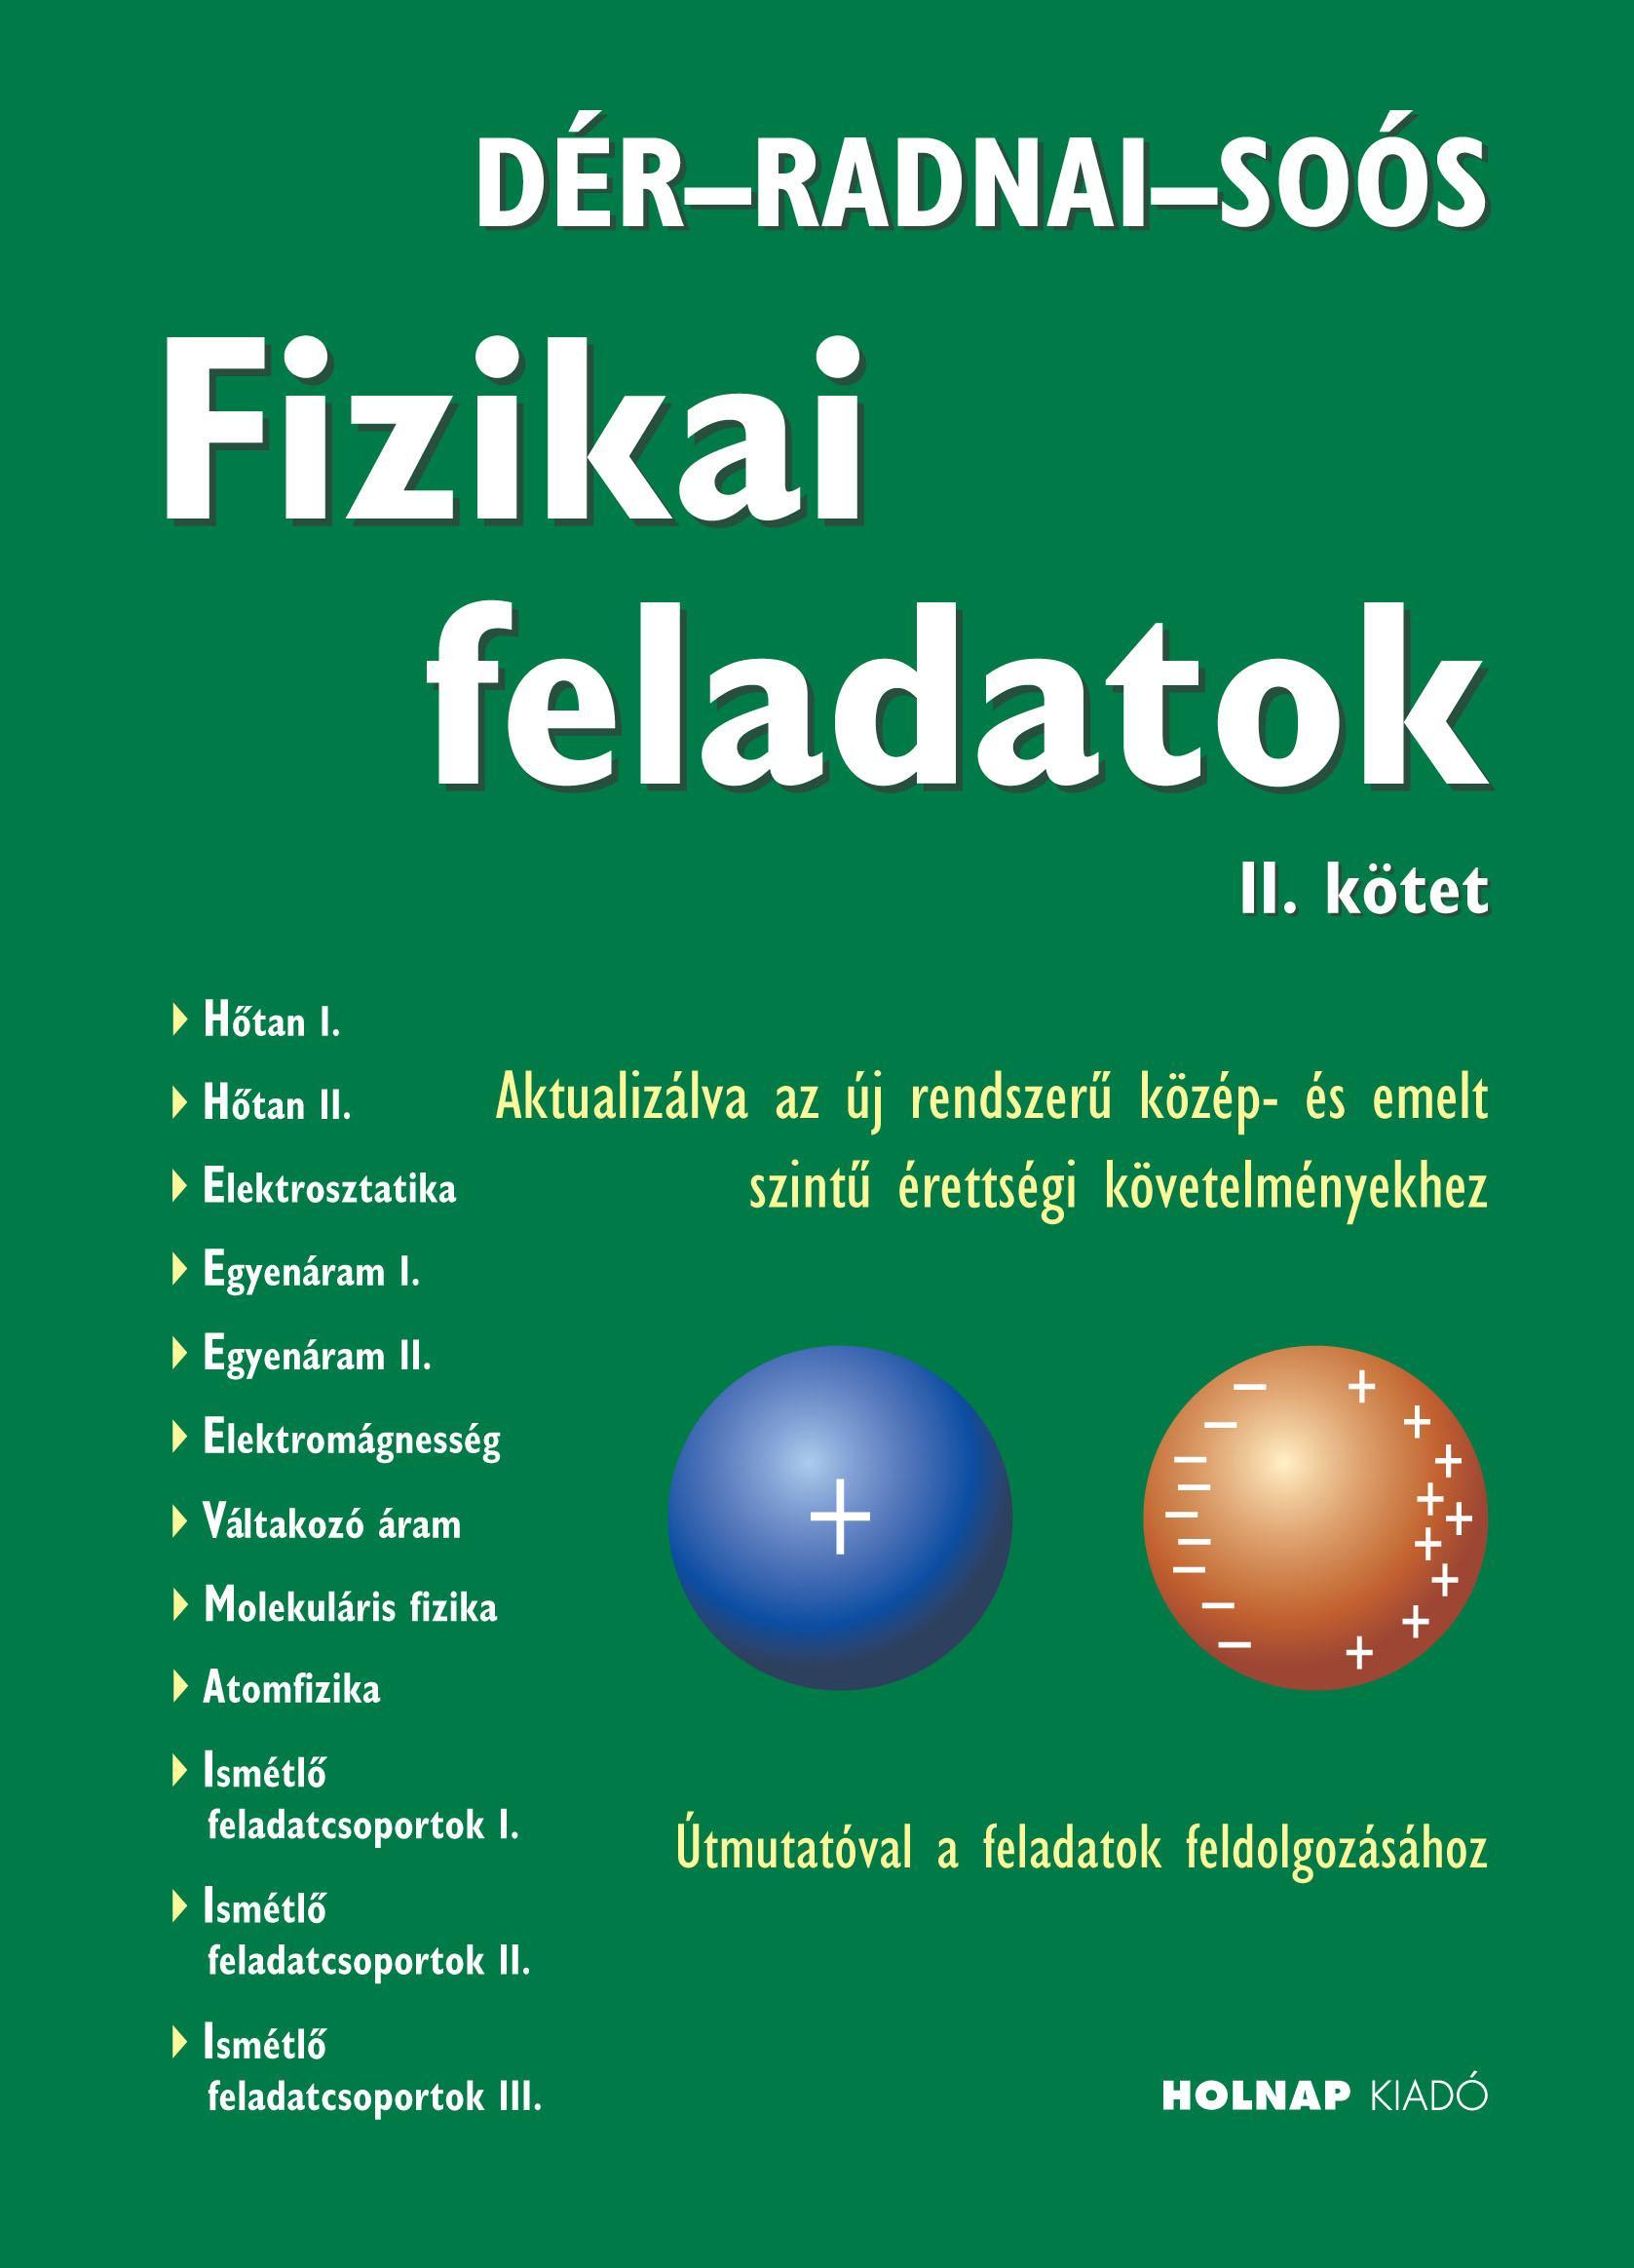 FIZIKAI FELADATOK II. KÖTET - AKTUALIZÁLT KIADÁS! (2017)